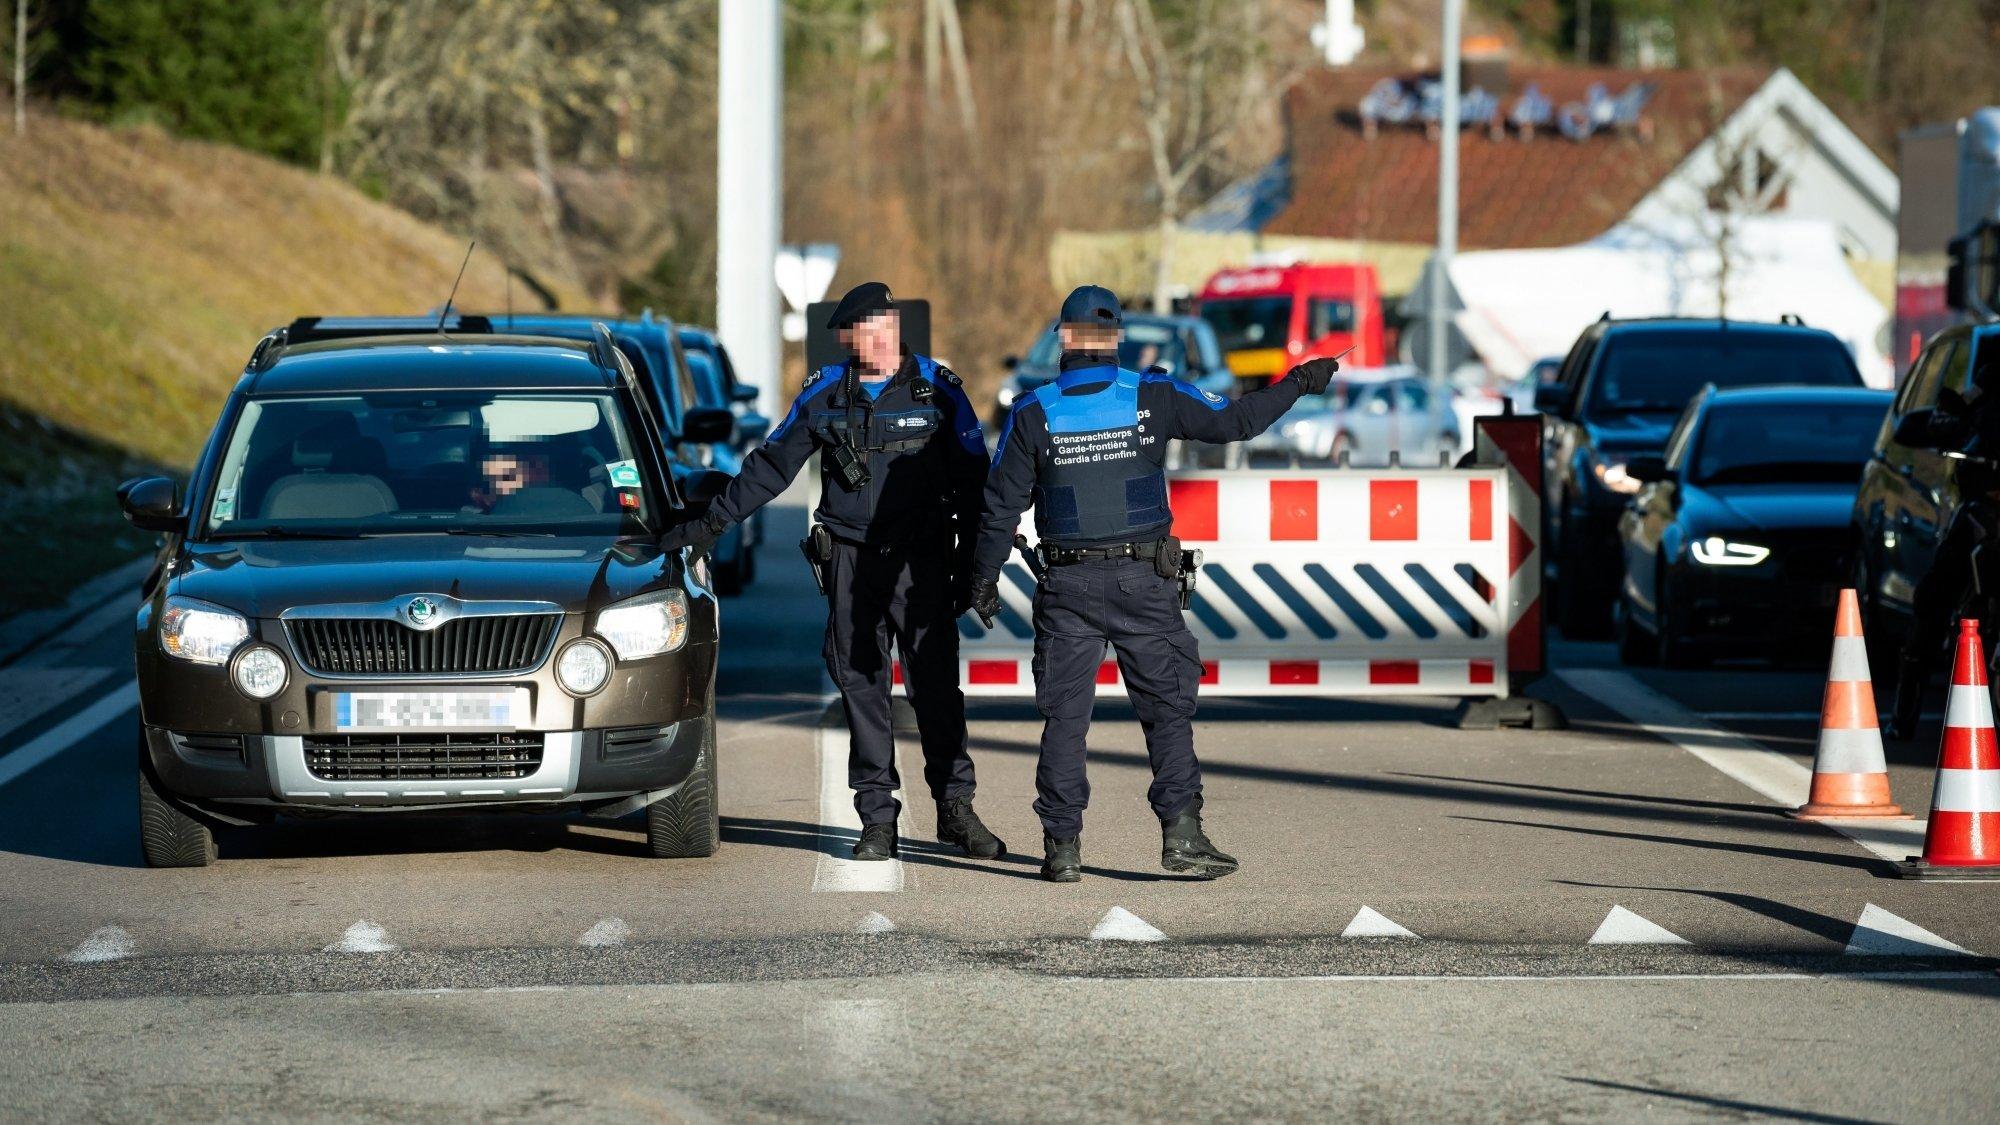 La police neuchâteloise en renfort dans les douanes pour réduire les bouchons